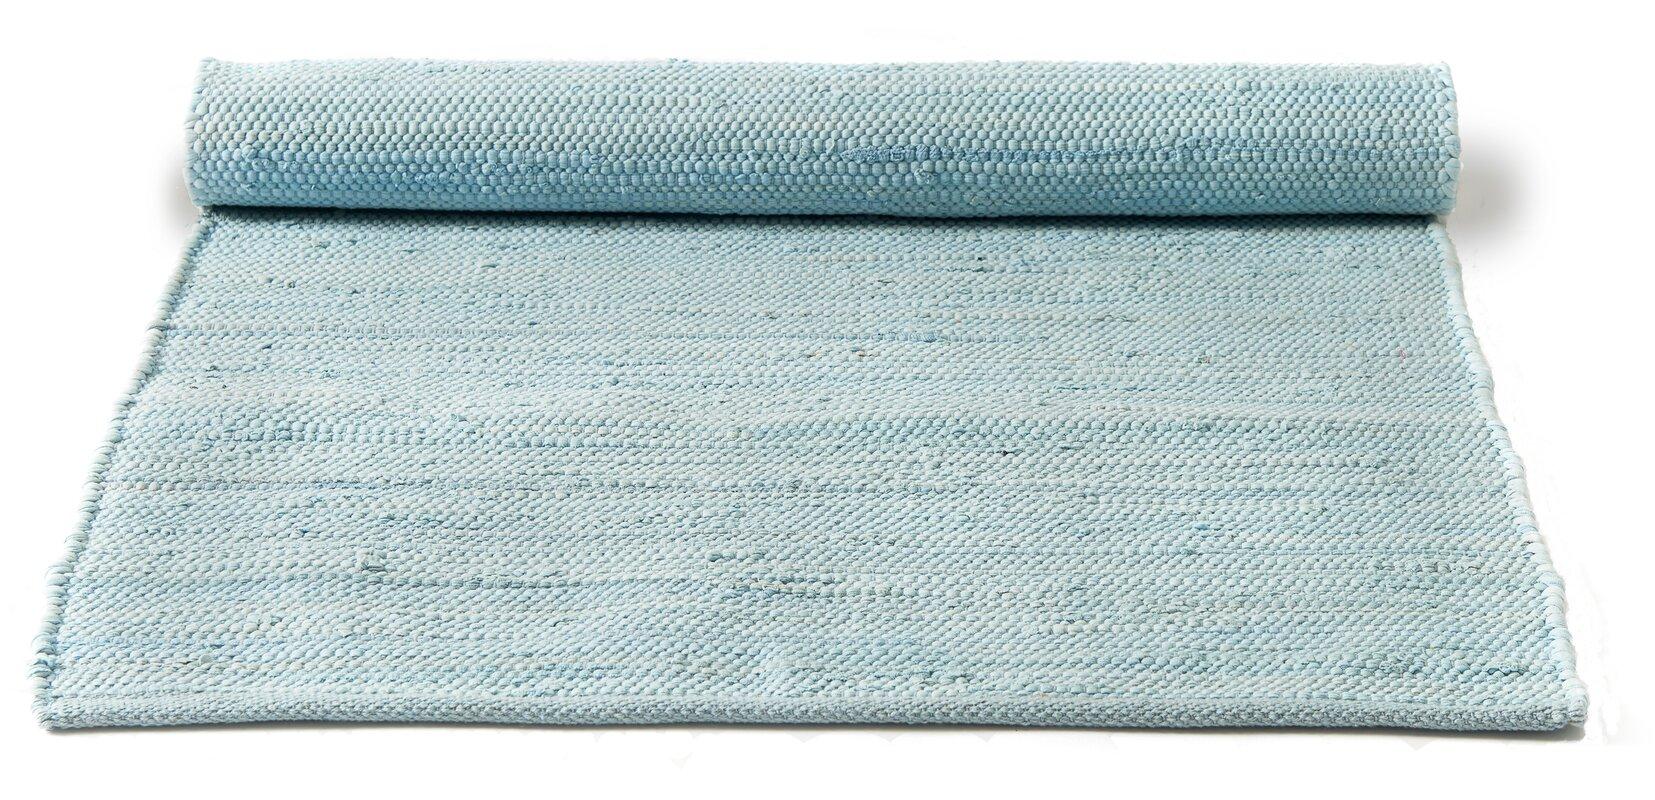 rug solid handgefertigter teppich aus baumwolle in daydream blau bewertungen. Black Bedroom Furniture Sets. Home Design Ideas